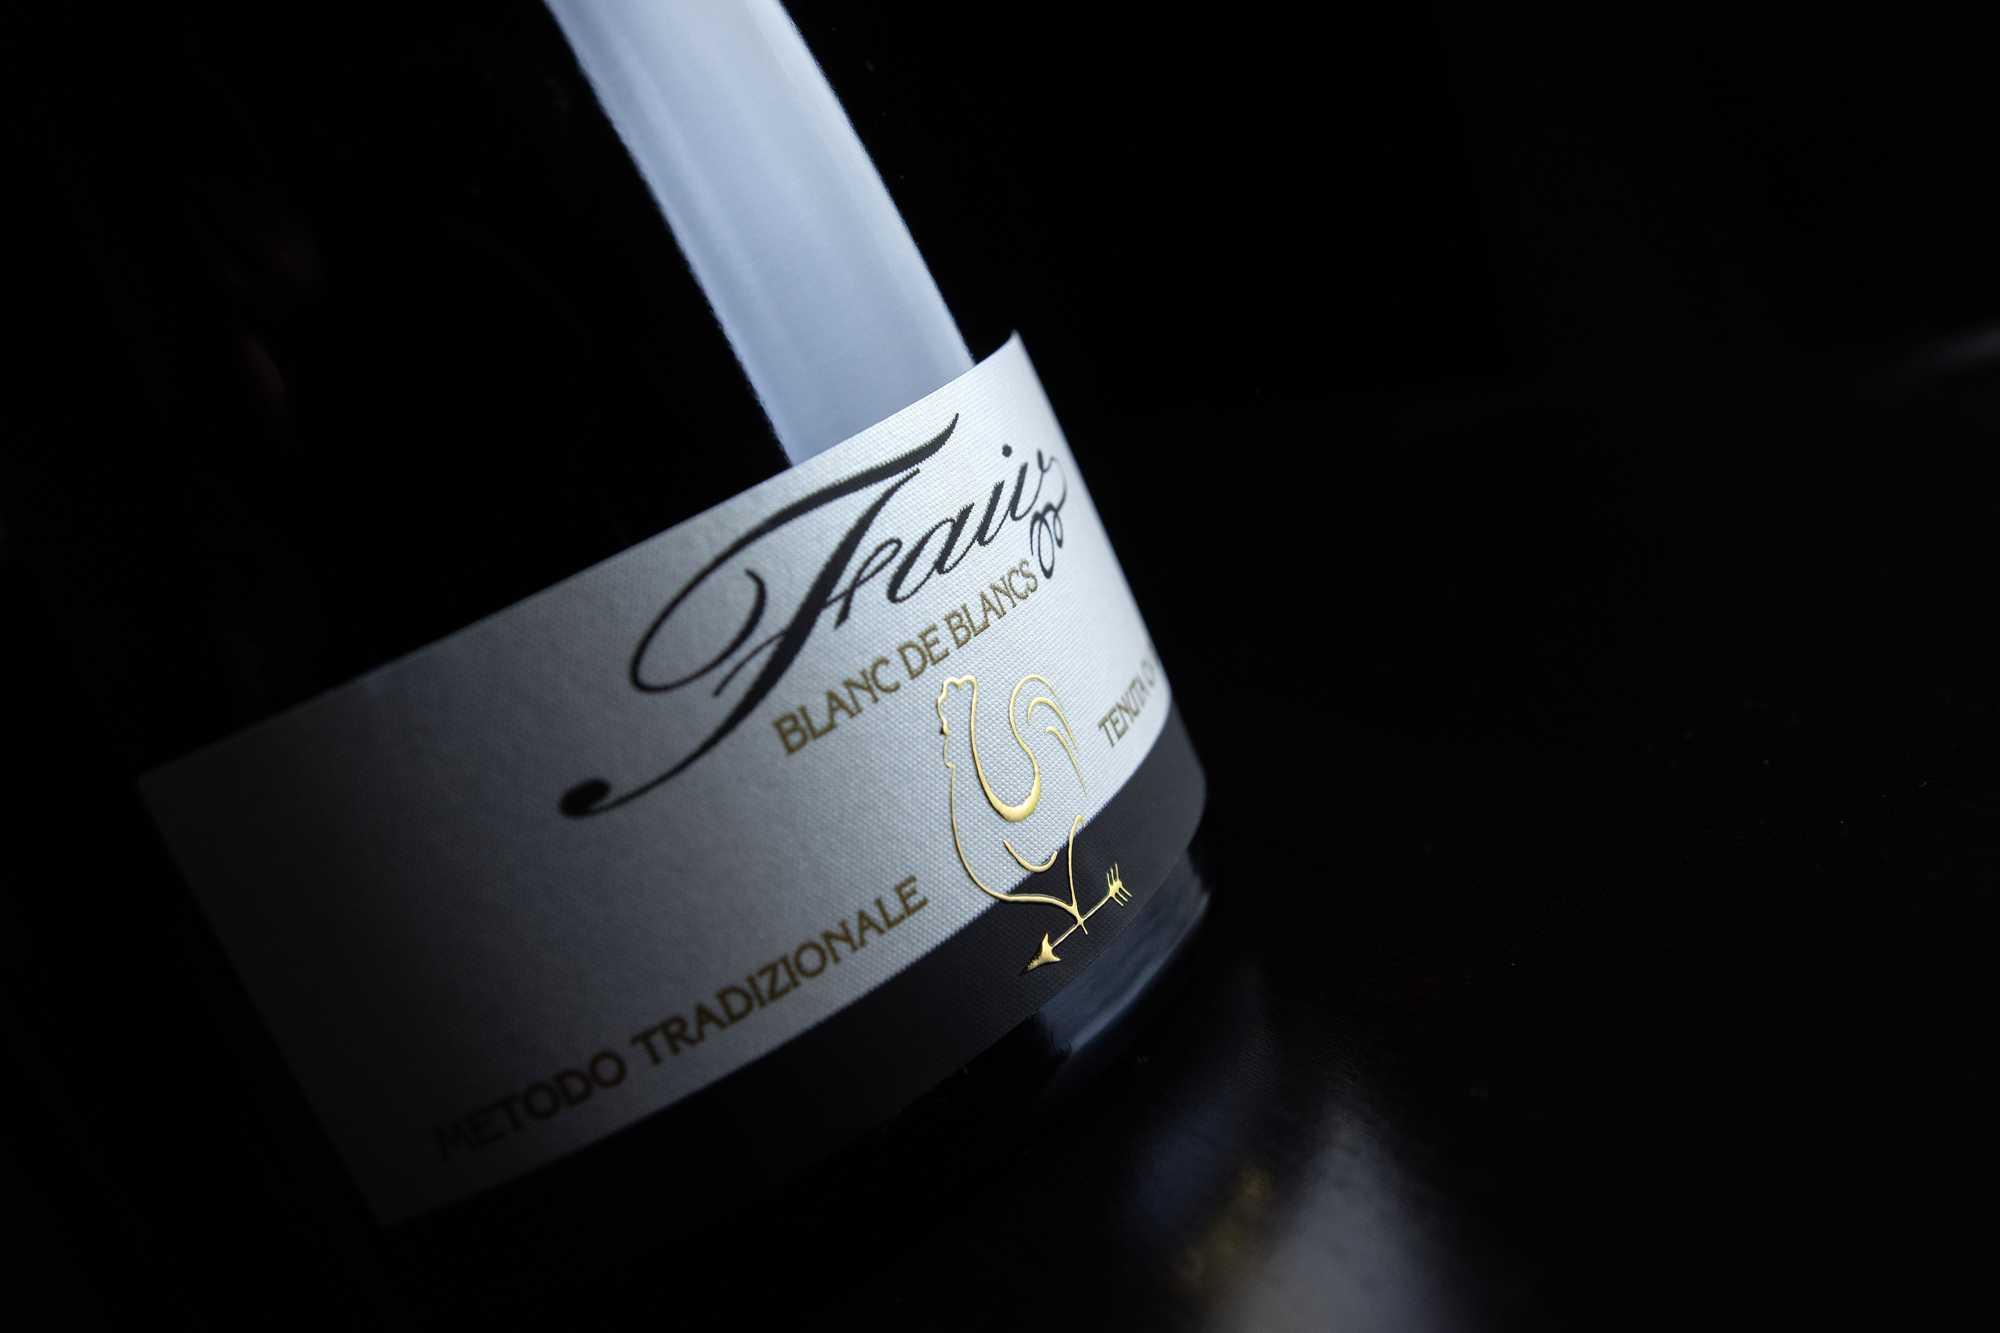 Etichetta adesiva-bottiglie vino